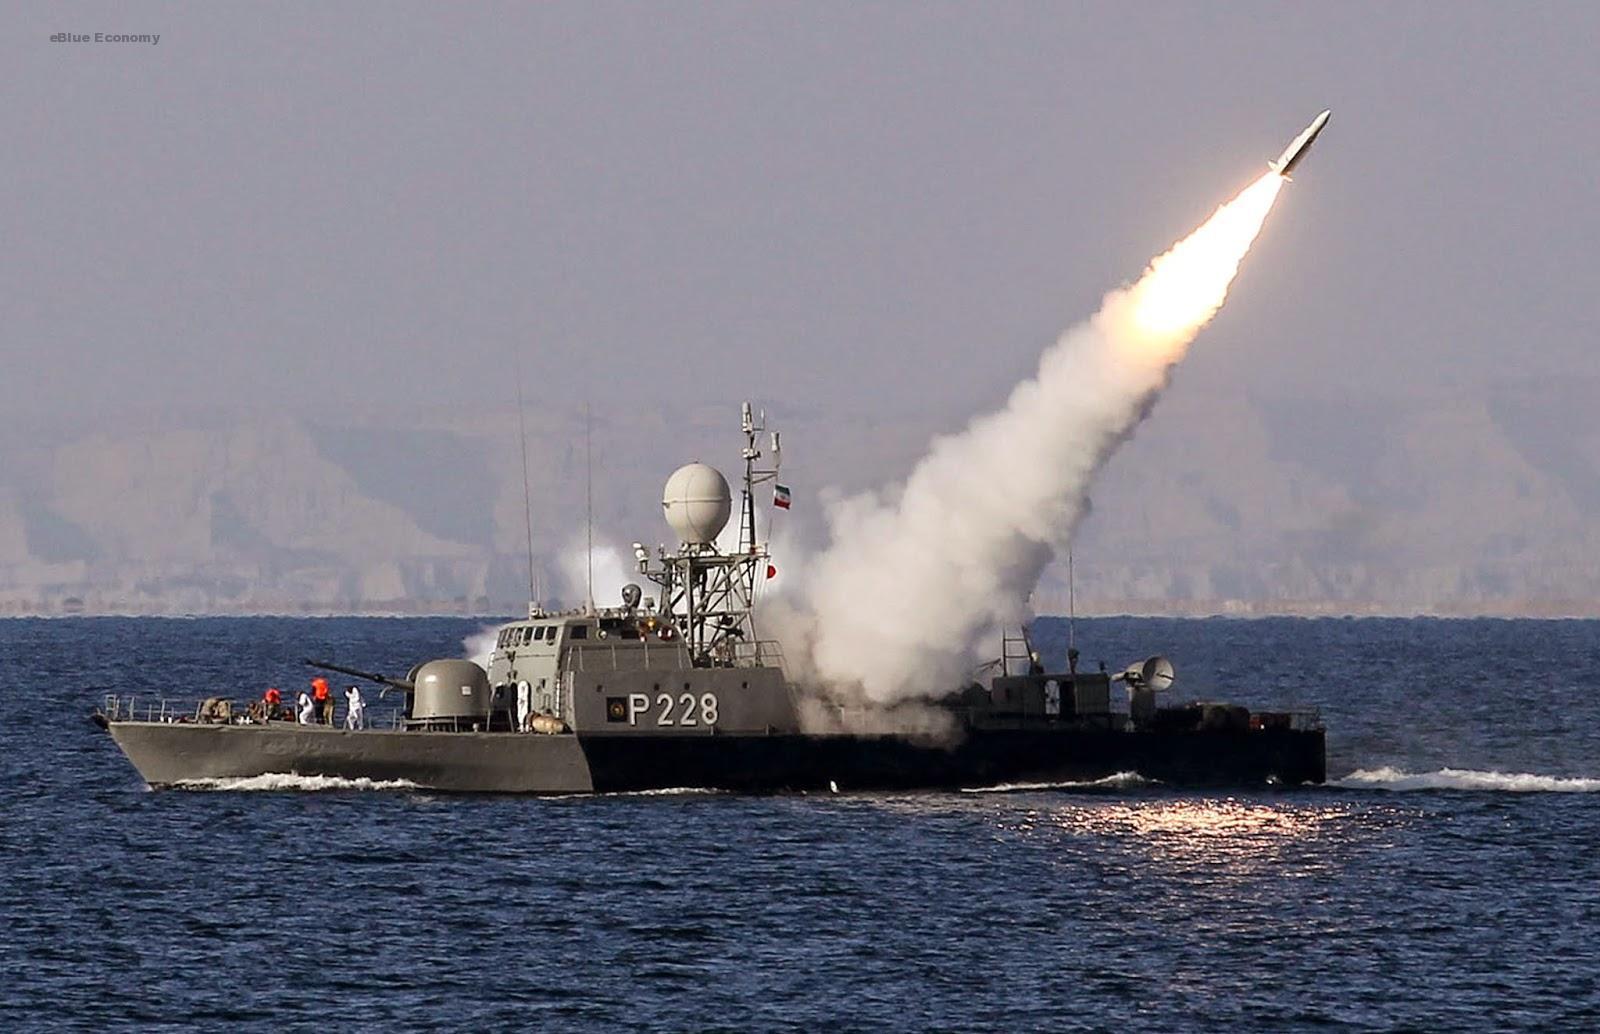 eBlue_economy_مناورات بحرية ايرانية على مساحة 2 مليون كيلو متر مربع